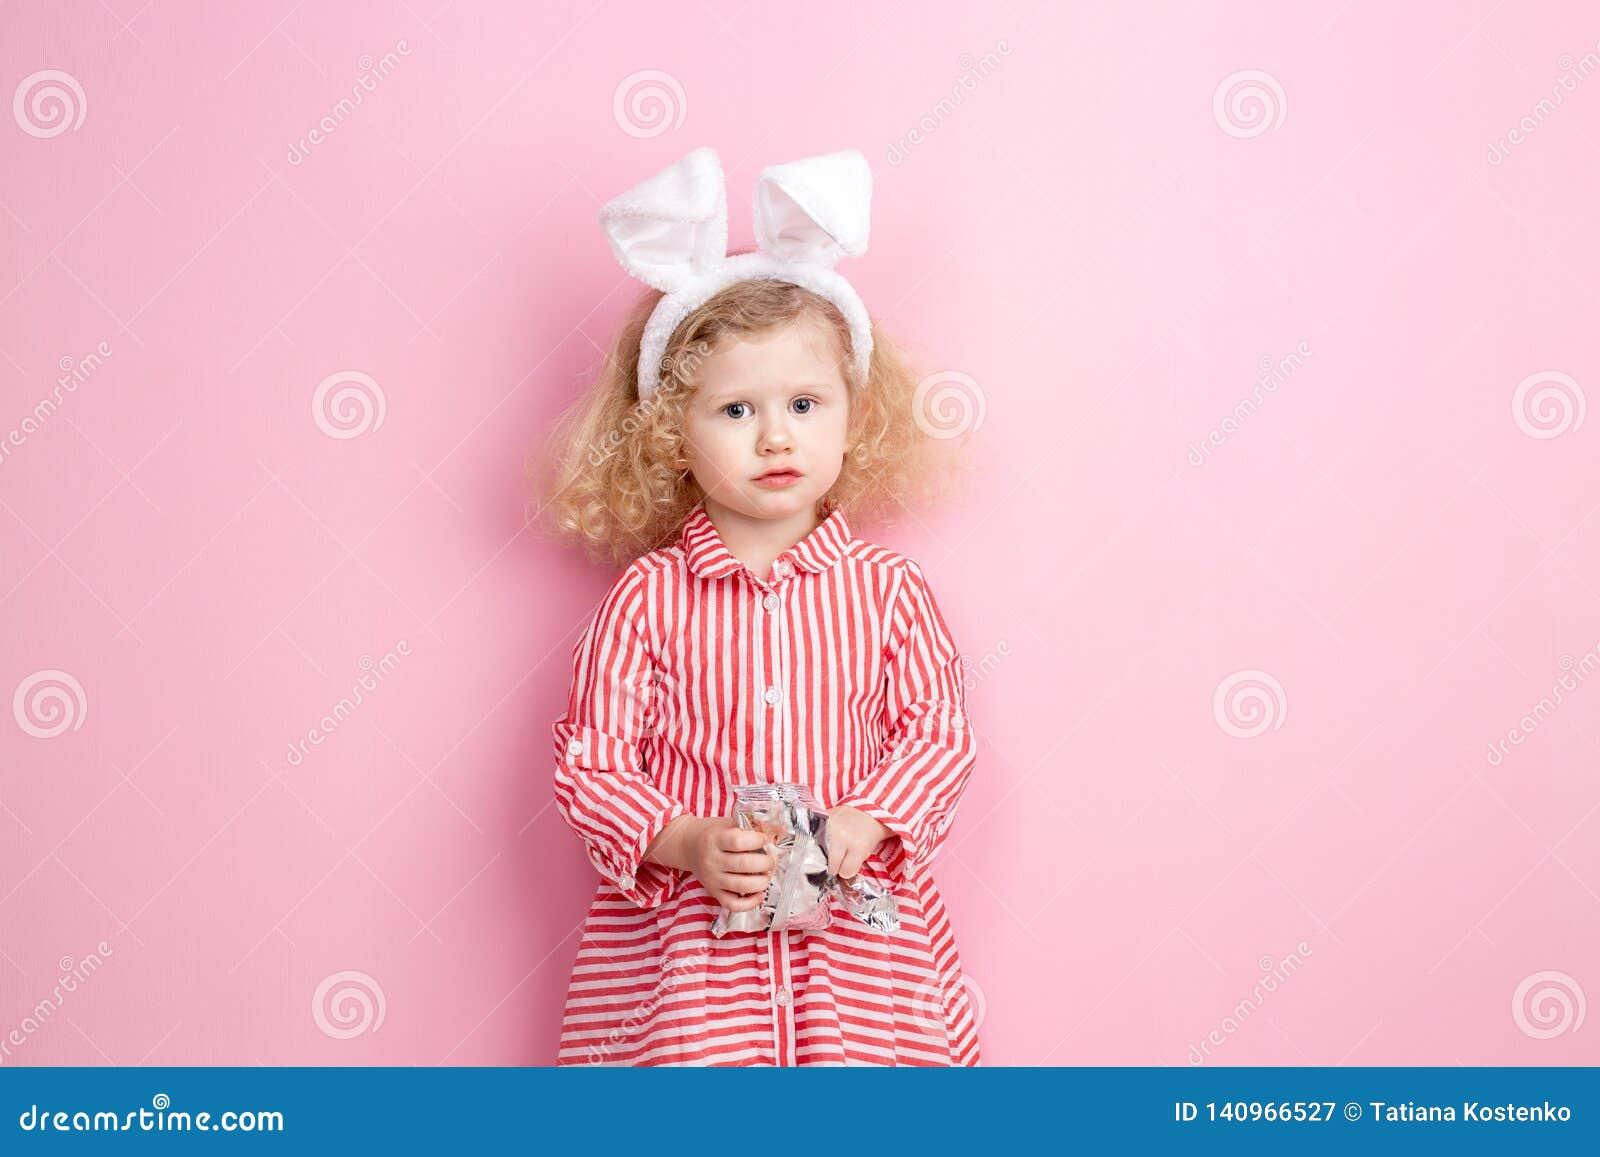 Reizendes kleines Mädchen in gestreiften roten und weißen Kleider- und Häschenohren auf ihrem Kopf steht gegen eine rosa Wand und